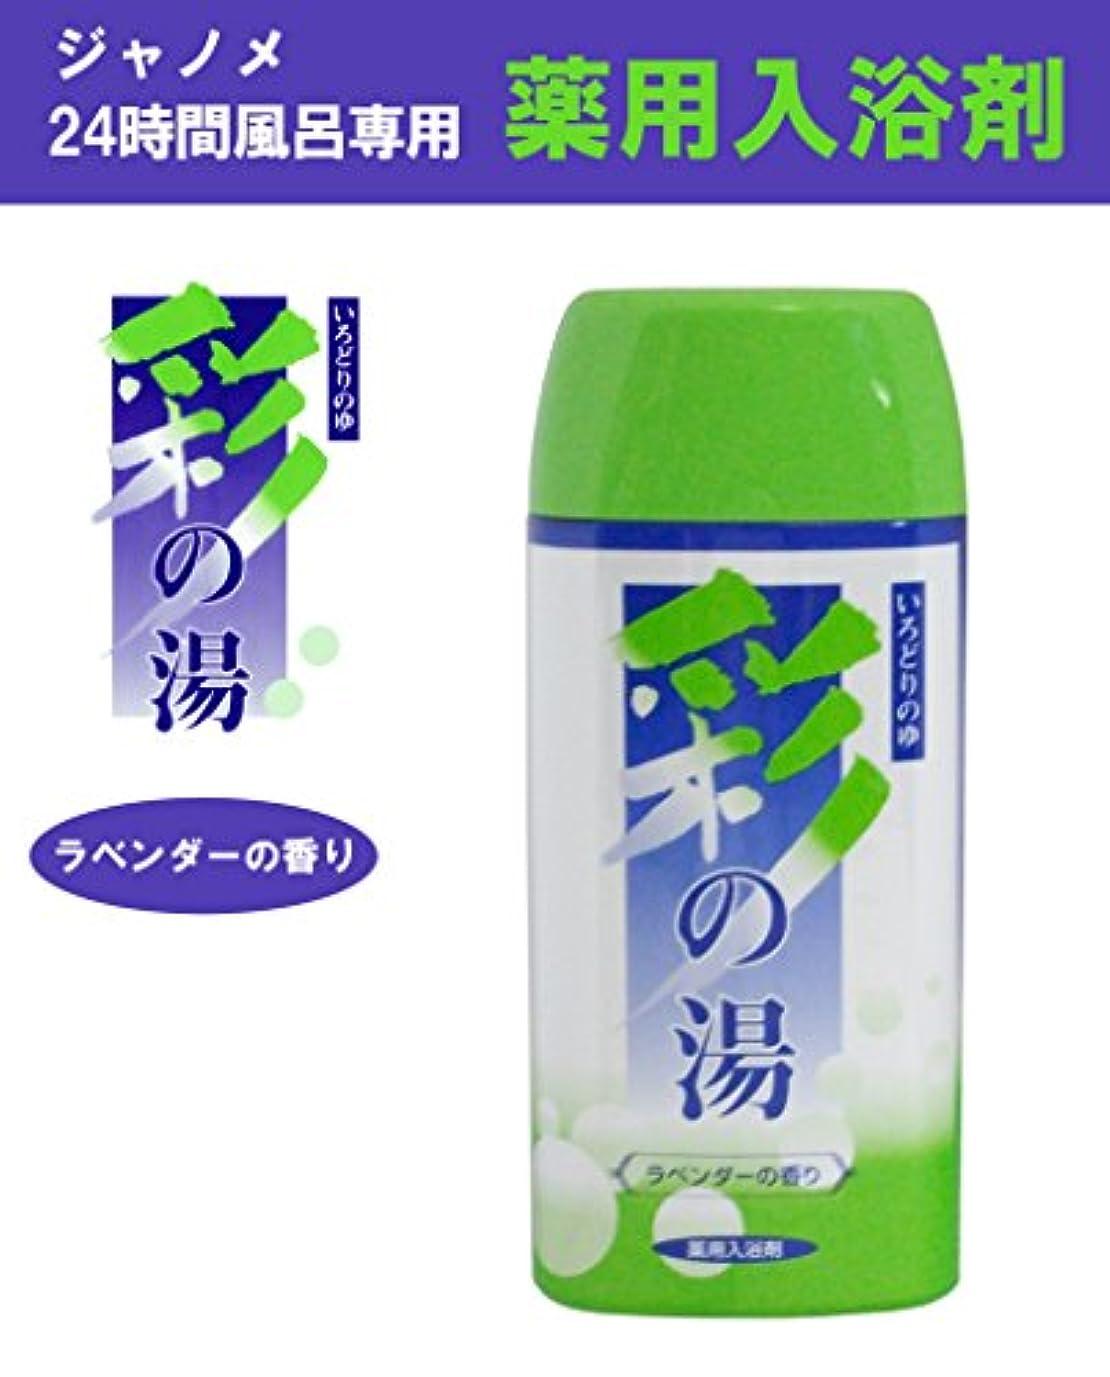 インフラ影響を受けやすいです性能ジャノメ 彩の湯 (24時間風呂専用 薬用入浴剤 ラベンダーの香り )